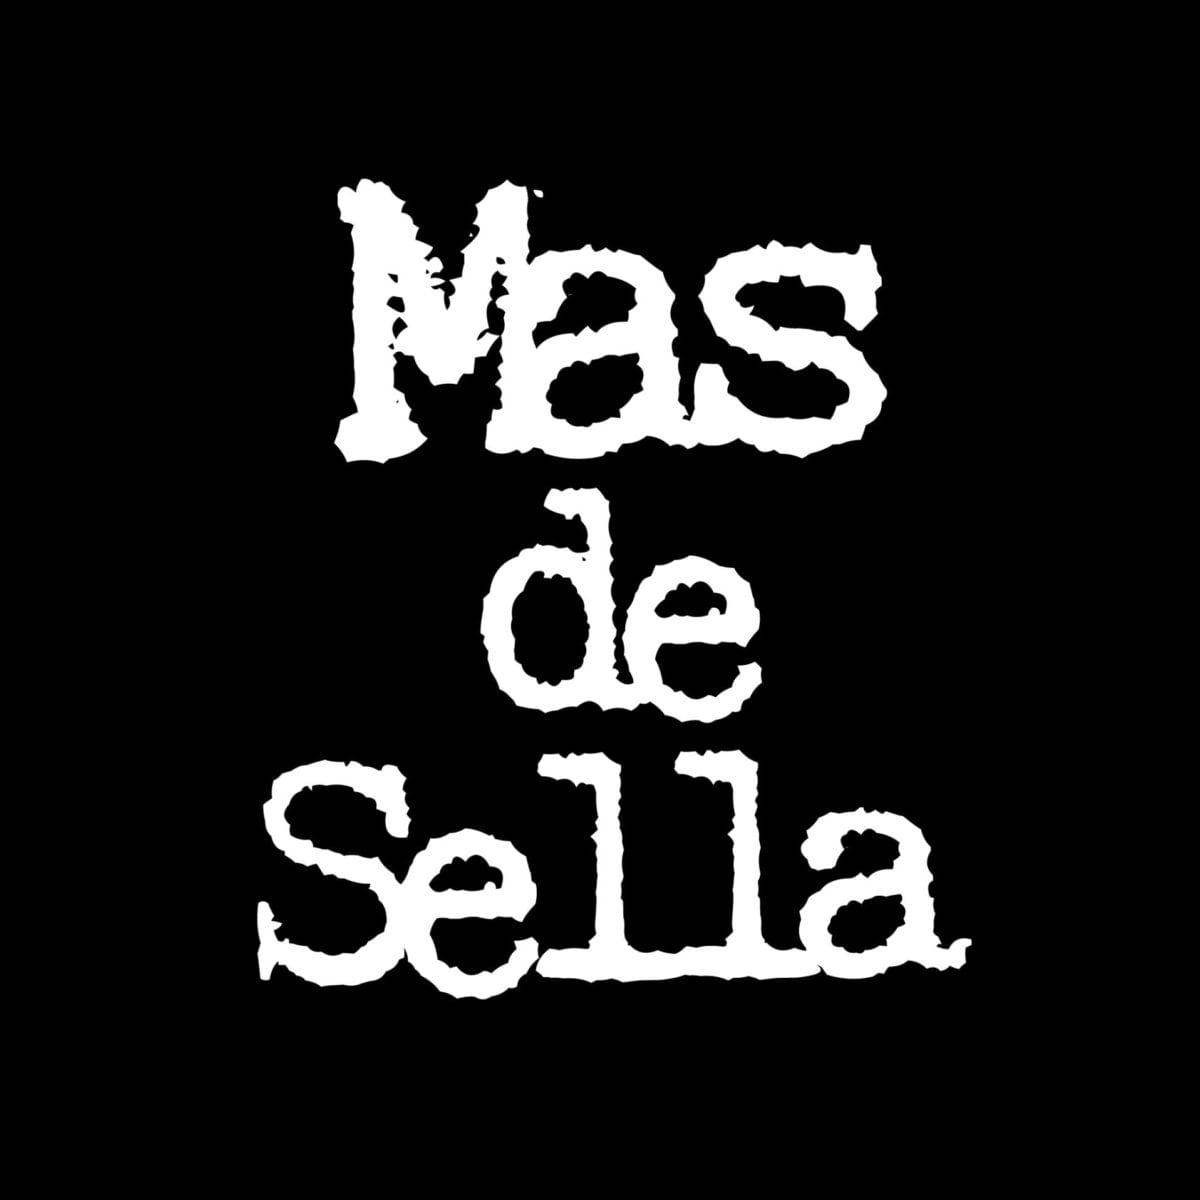 Mas de Sella